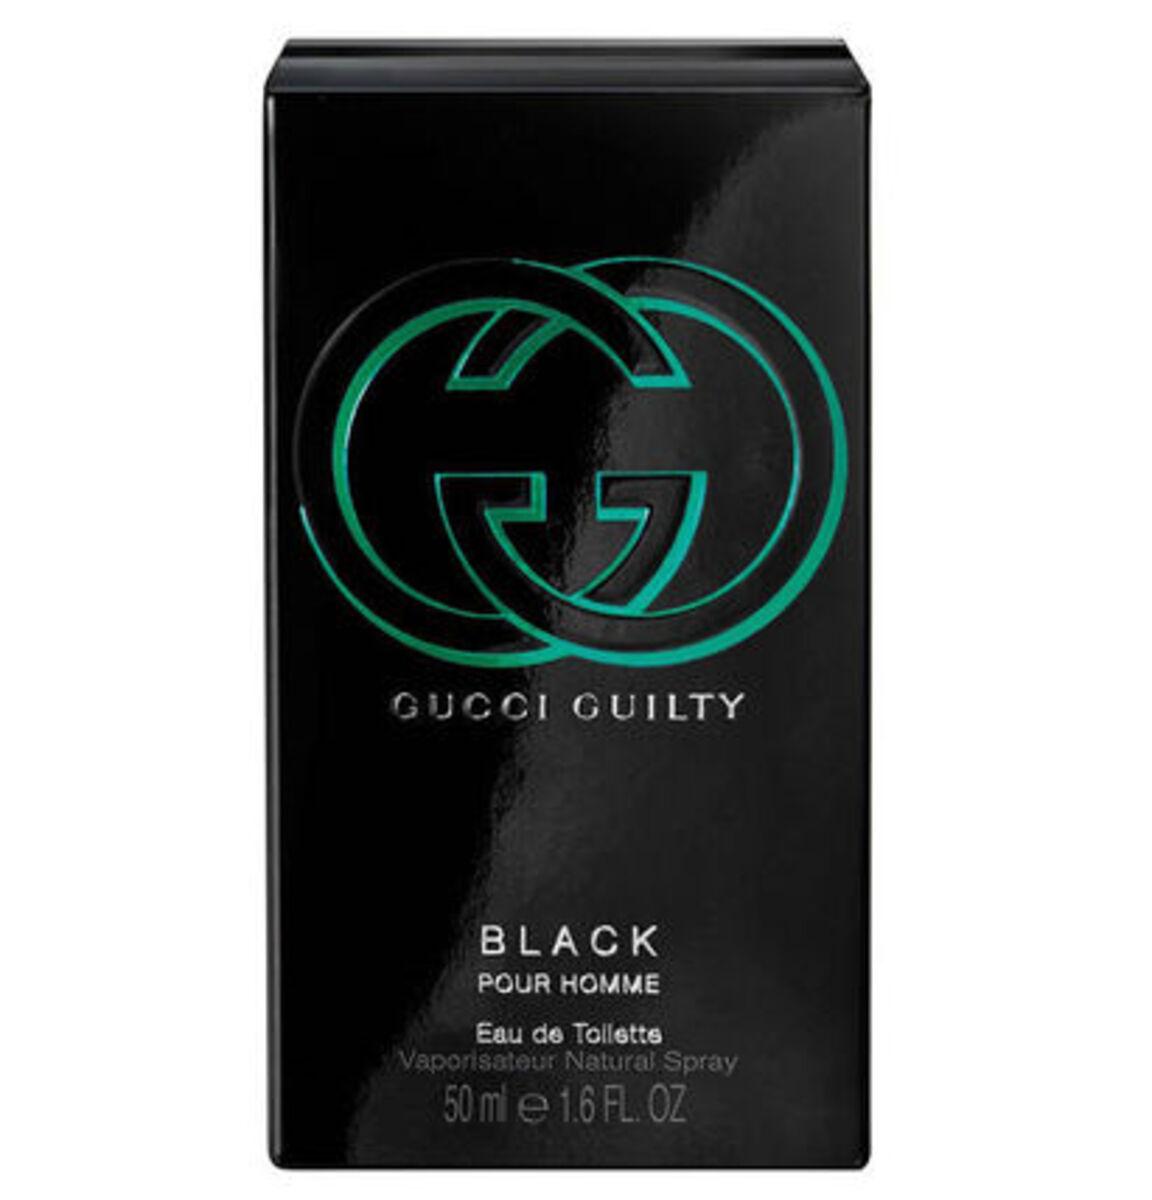 Bild 2 von Gucci Guilty Black Pour Homme, Eau de Toilette